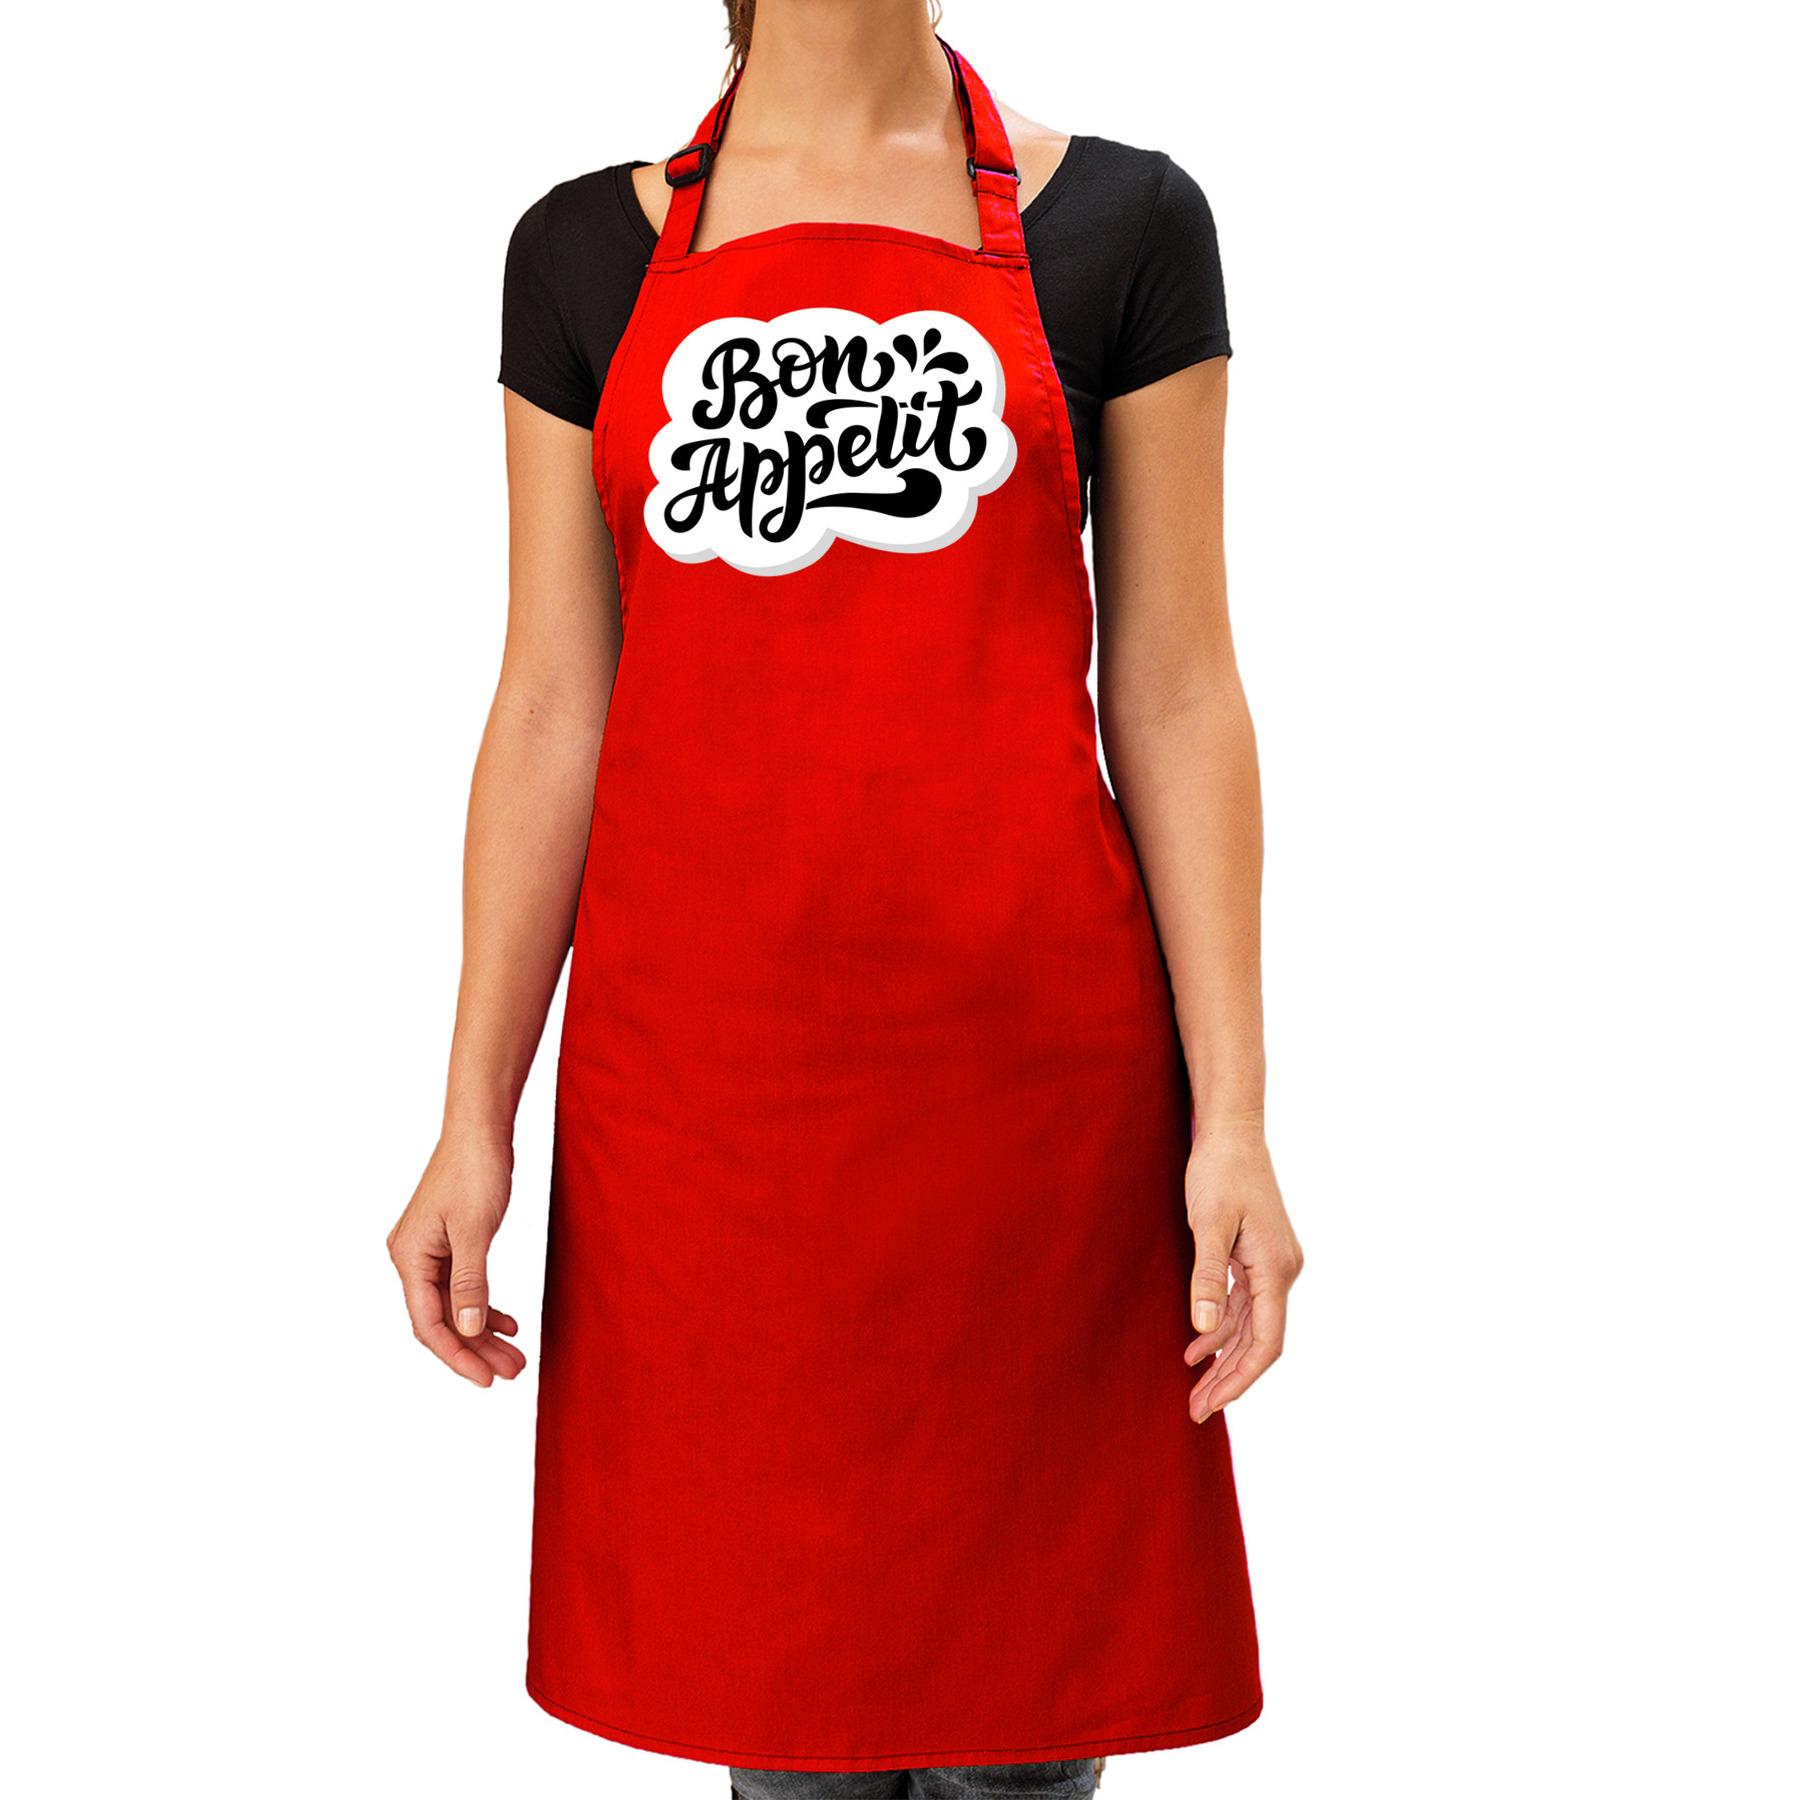 Bon appetit barbecueschort - keukenschort rood voor dames -